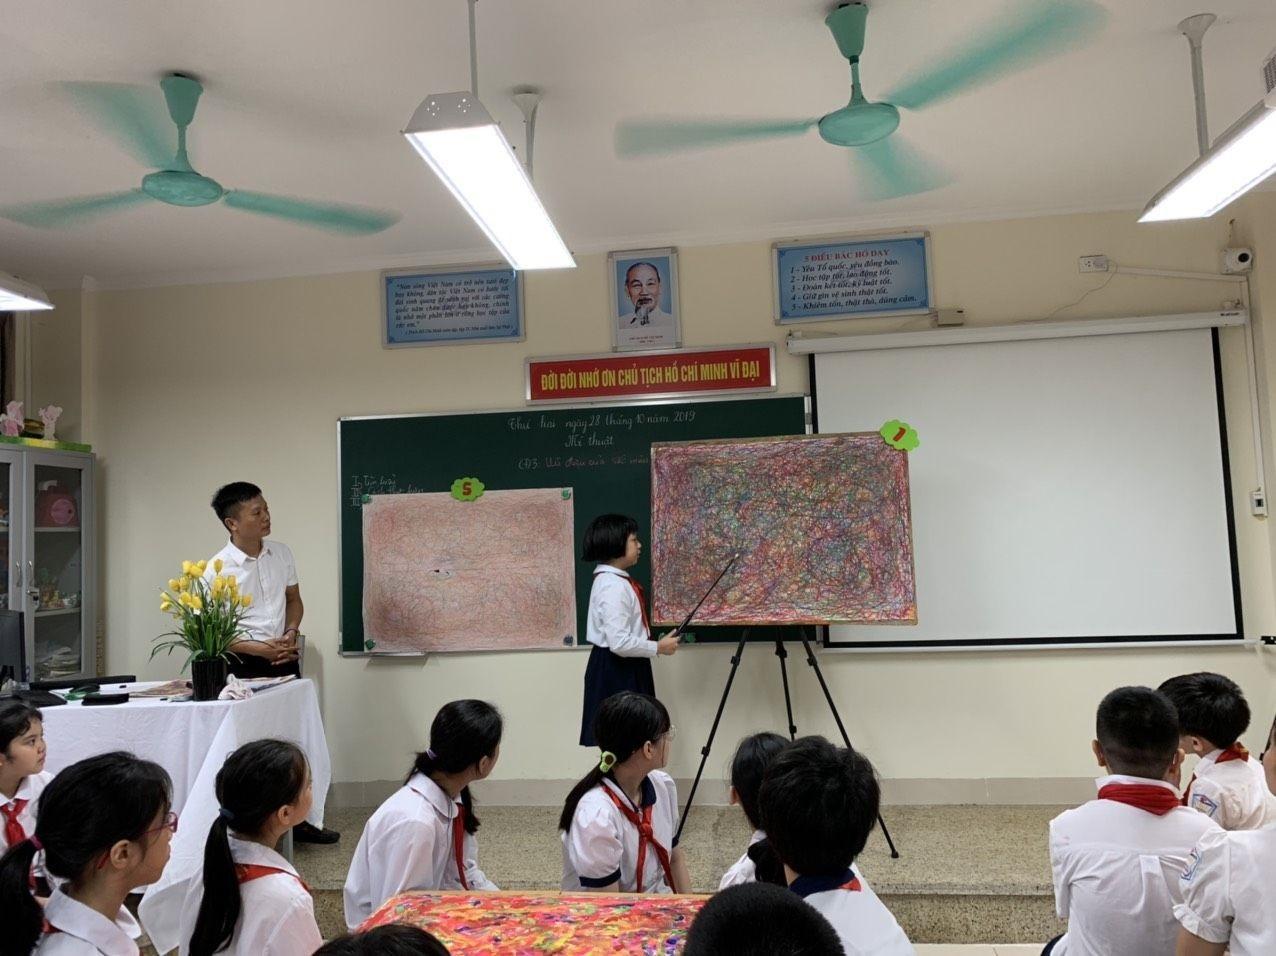 Vì học trò và nhà giáo, xin Bộ hãy trả lại 2 môn Âm nhạc, Mỹ thuật - Giáo dục Việt Nam